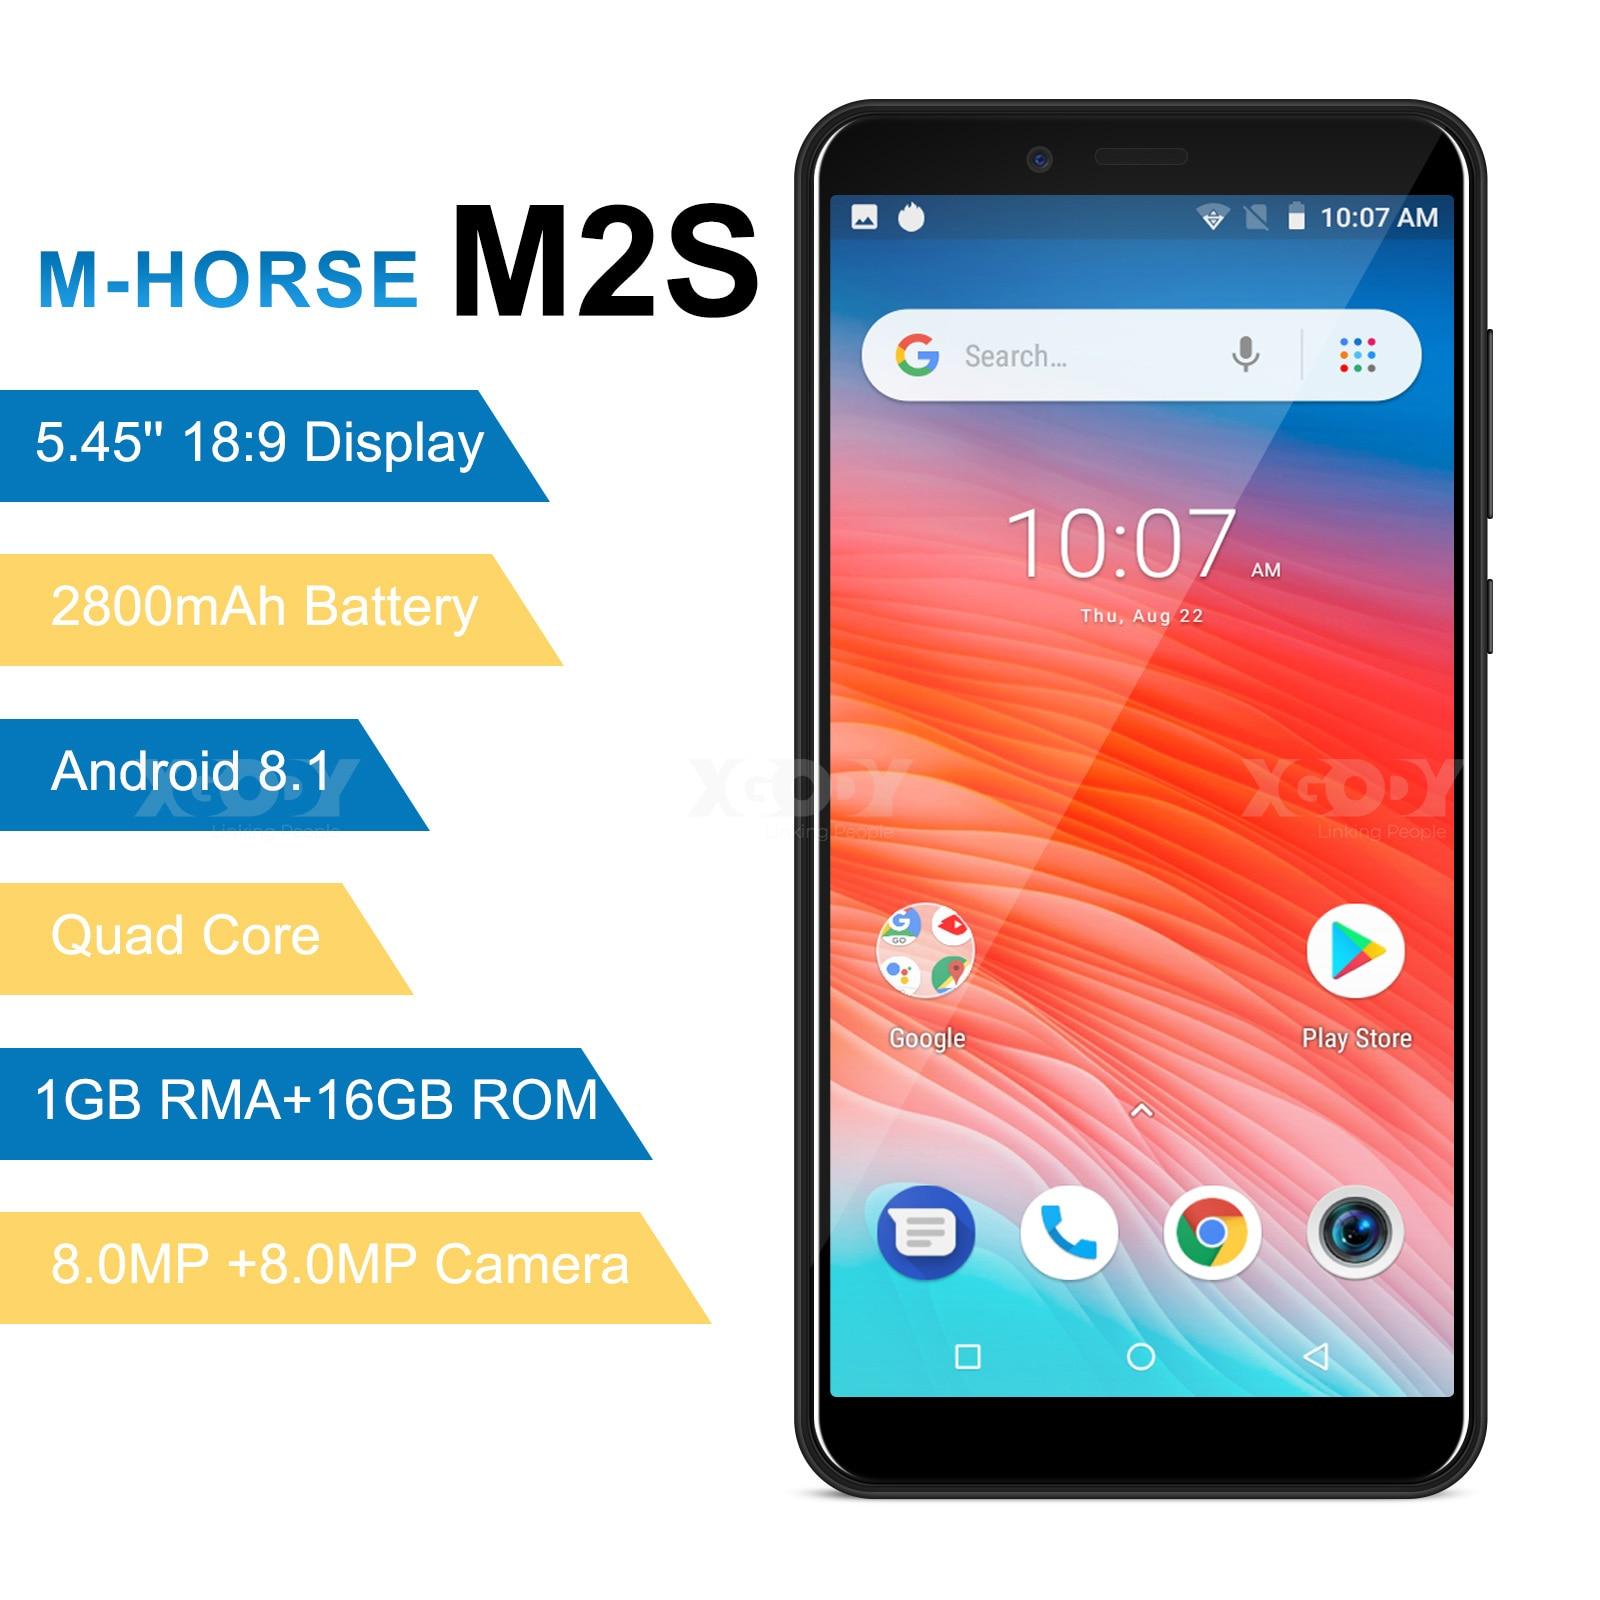 M-HORSE 3g smartphone android 8.1 2800 mah celular 1 gb + 16 gb quad core 5.45 polegada 18:9 tela cheia 8mp câmera dupla telefone móvel